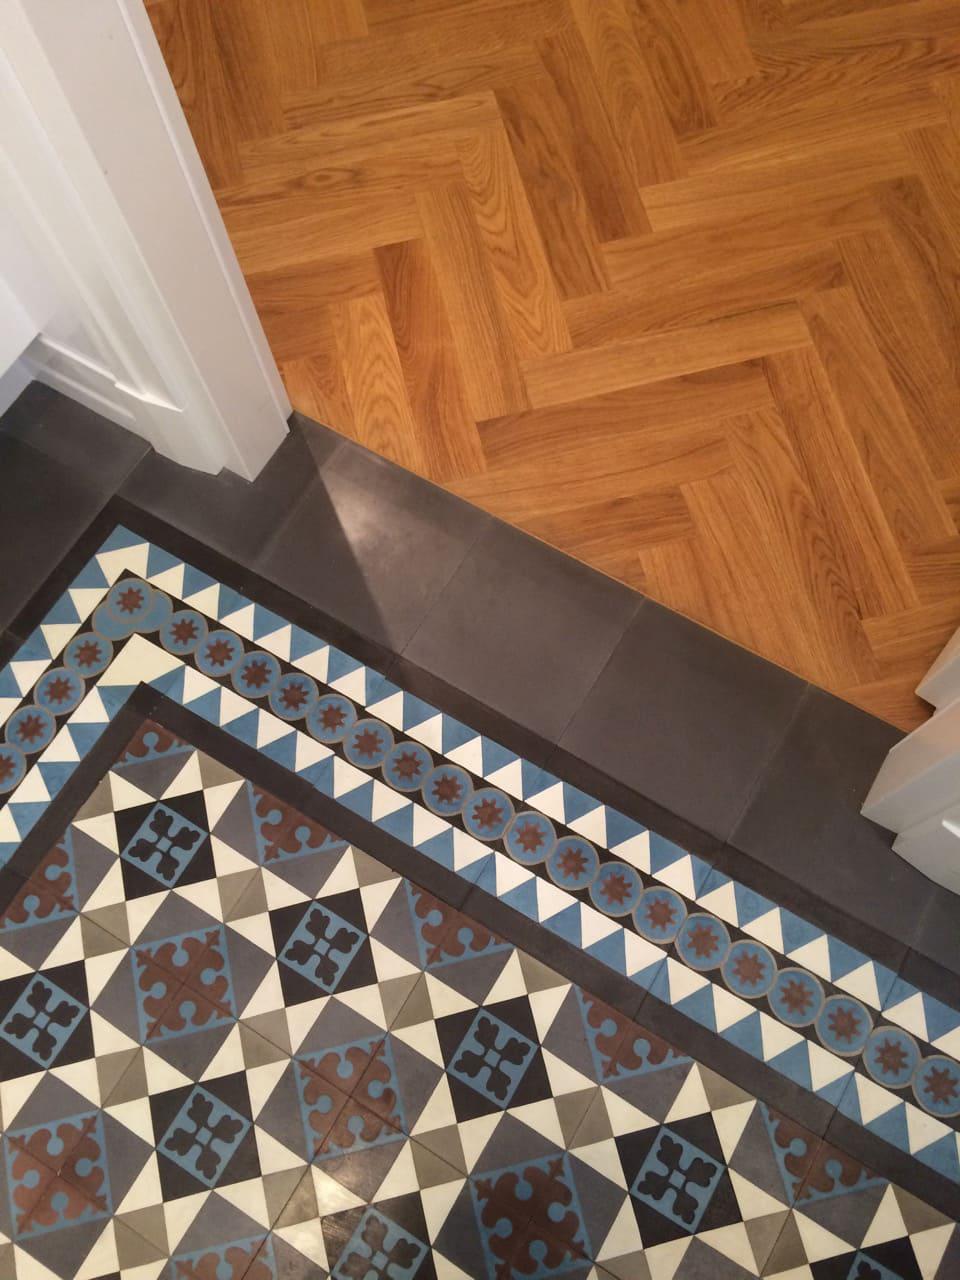 zementfliesen-terrazzofliesen-kreidefarbe-terrazzo-fugenlos-viaplatten-12572-foto-Beate-Puttorak-flur | 12572